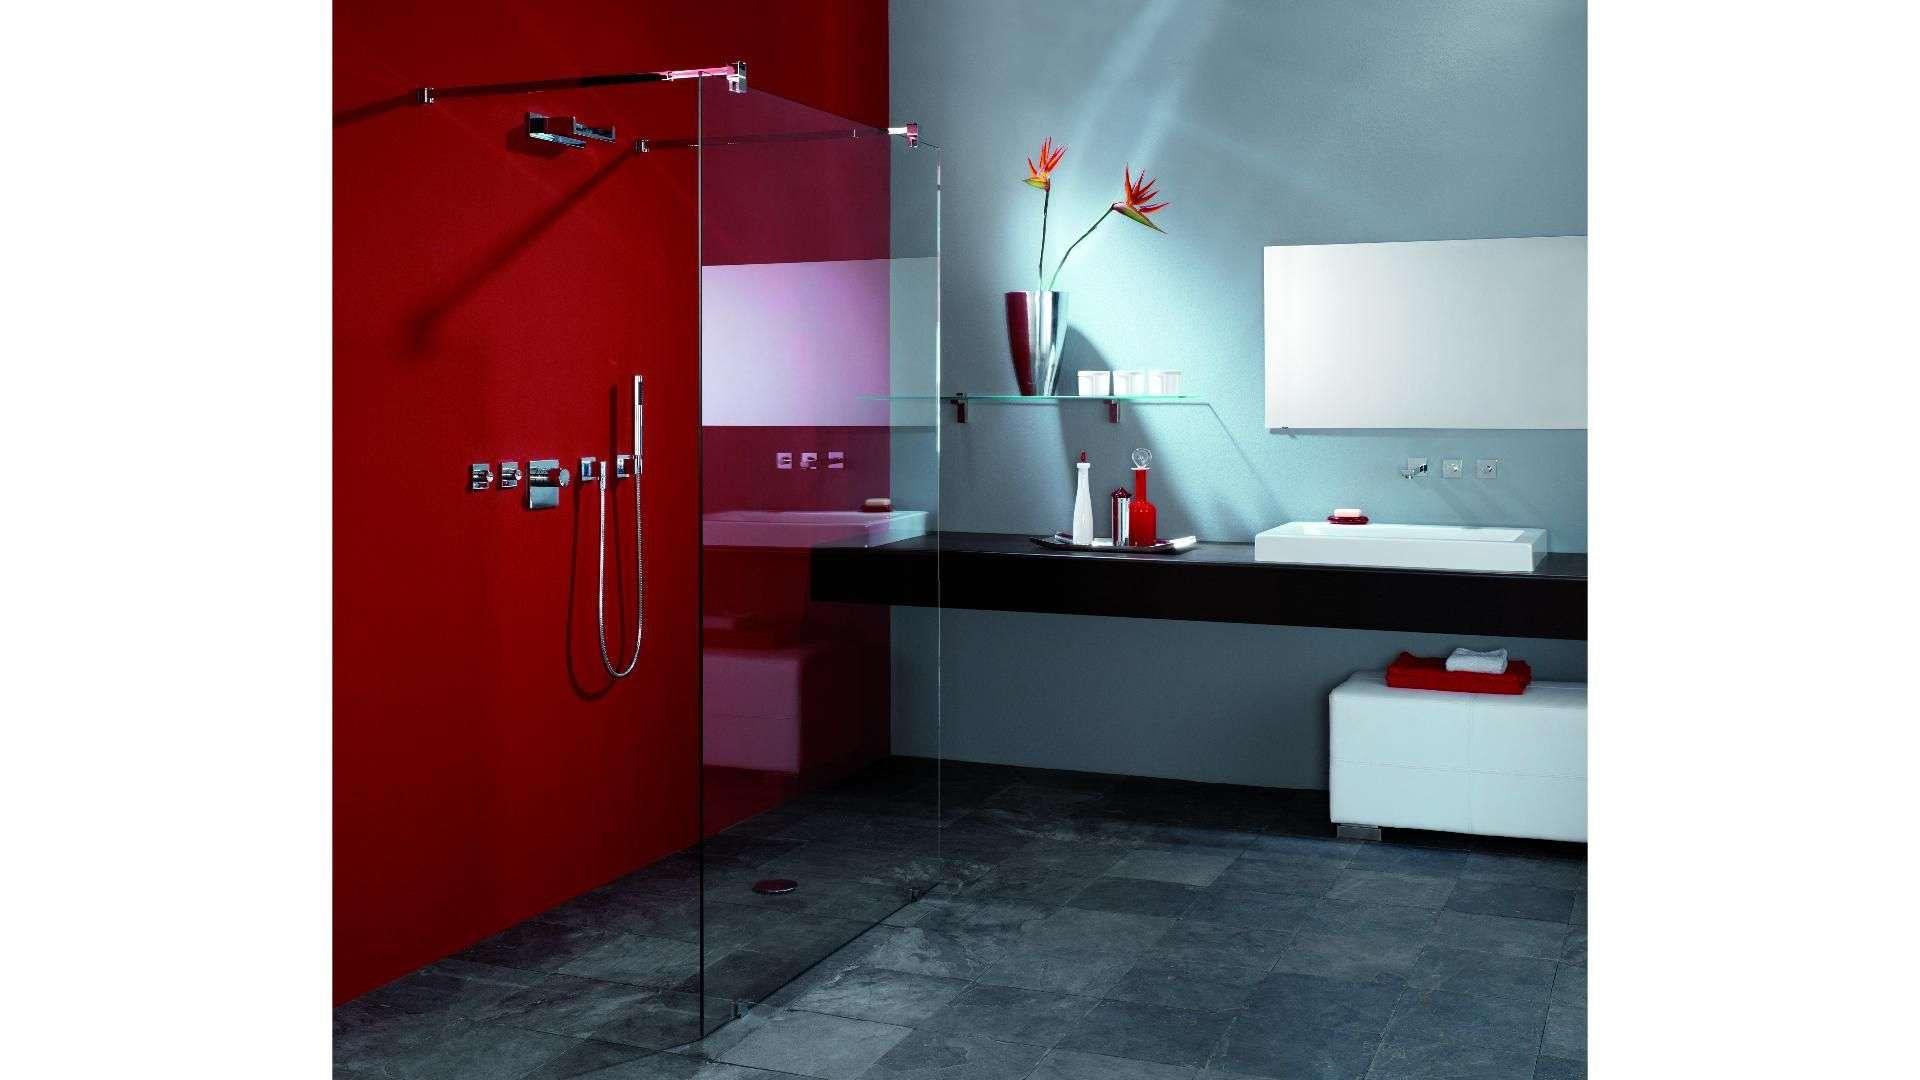 Dusche vor einer roten Wand mit Glastrennwand